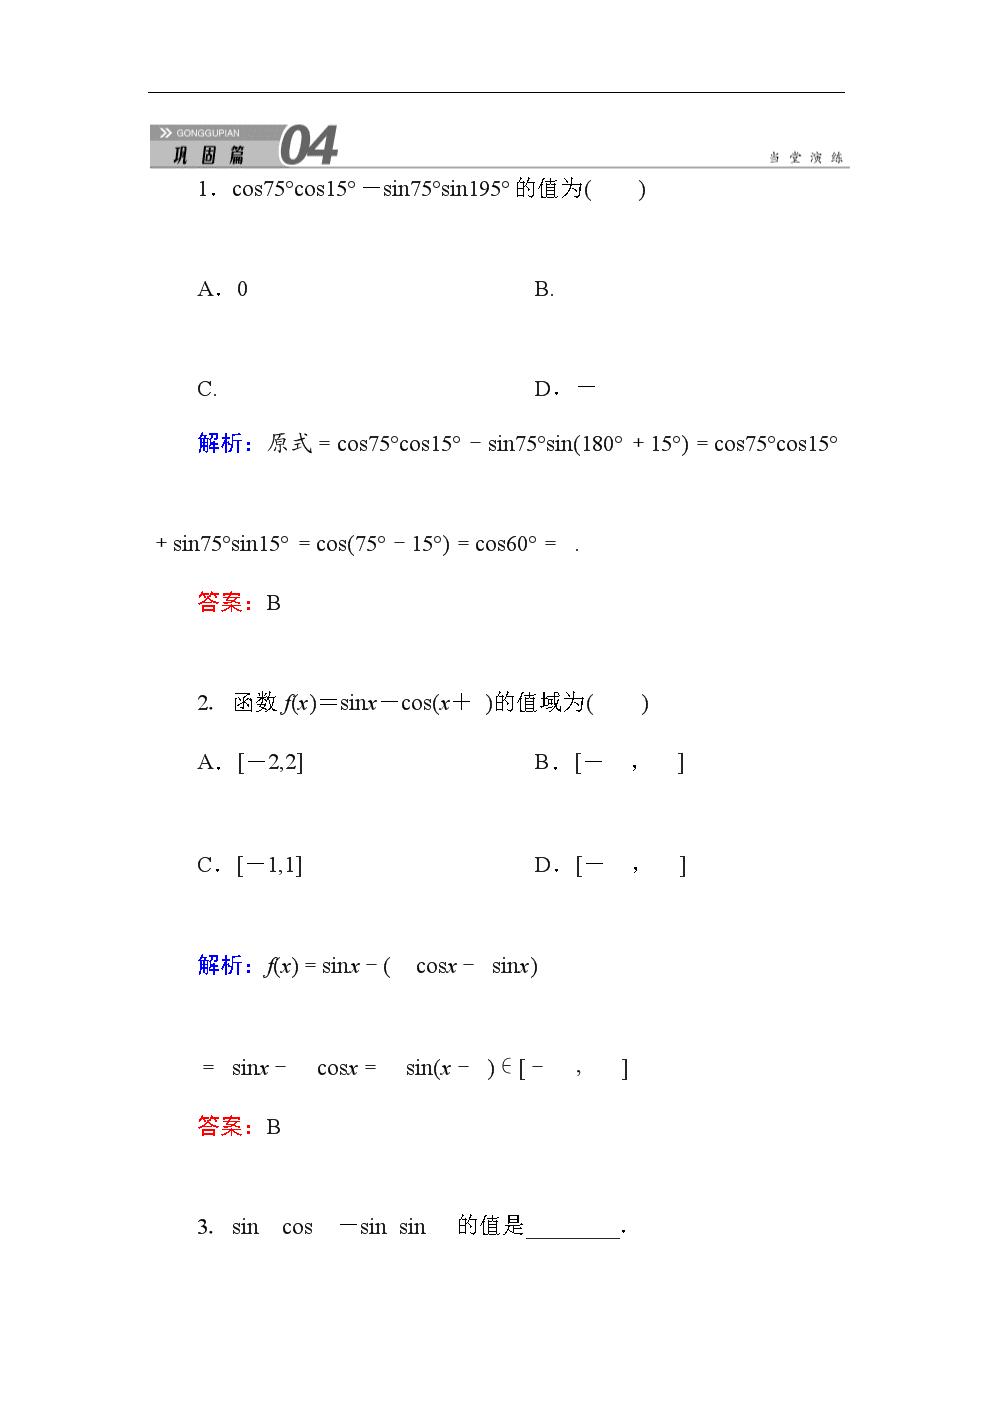 人教A版高中数学必修4练习手册:3-1-2-1角和与差的正弦、余弦公式(附答案).doc